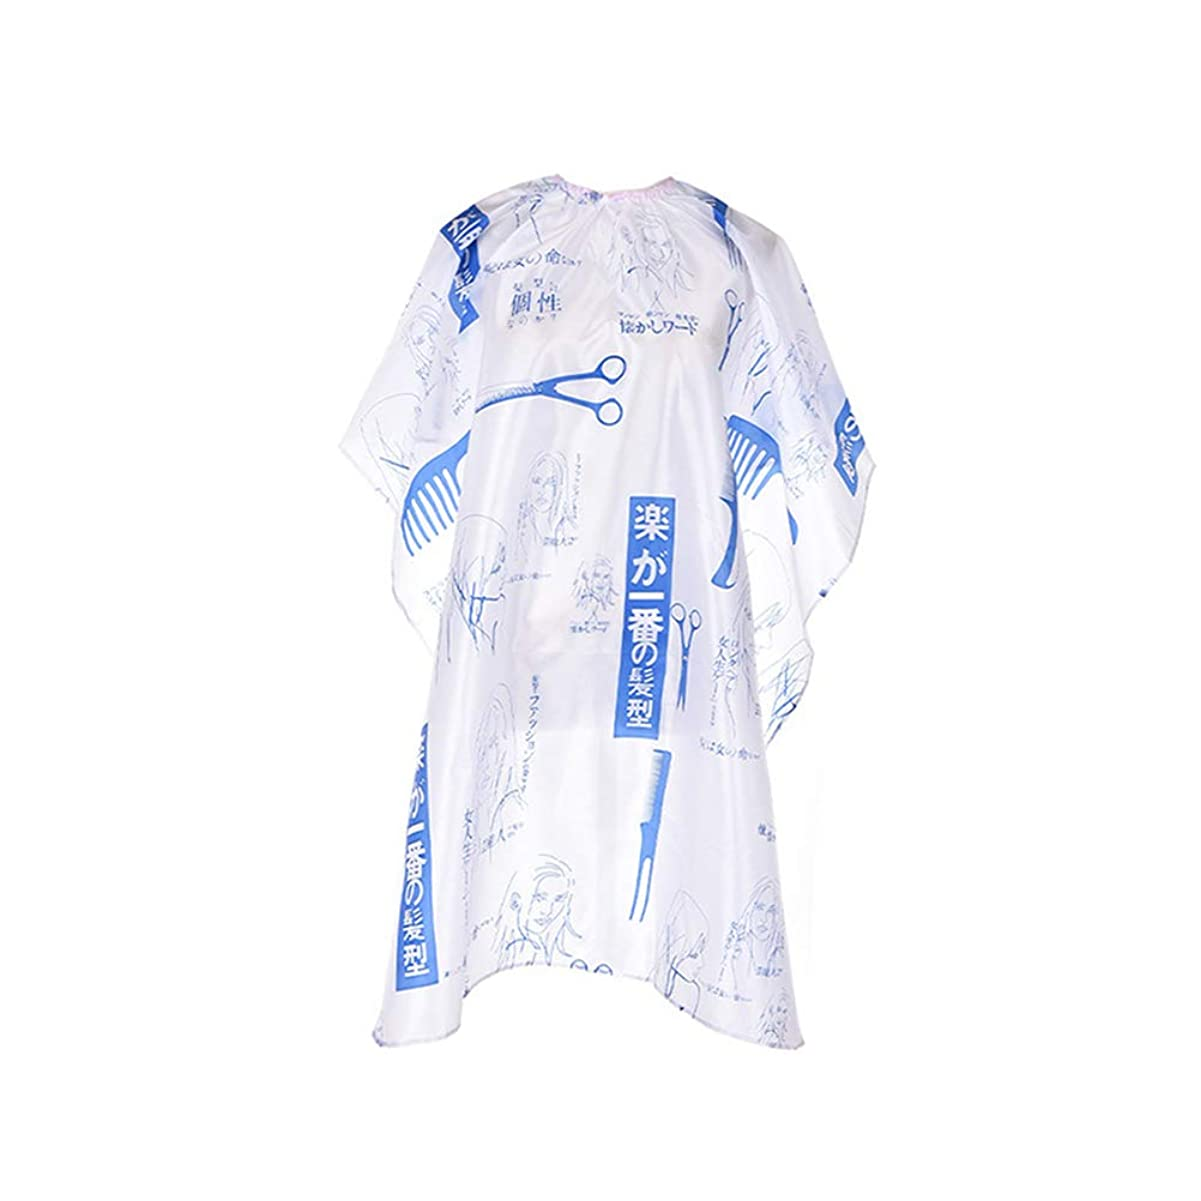 暴徒維持アライメントSUPVOX ヘアサロンエプロンヘアカット理容岬ヘアカットエプロン理髪ドレス(ブルー)